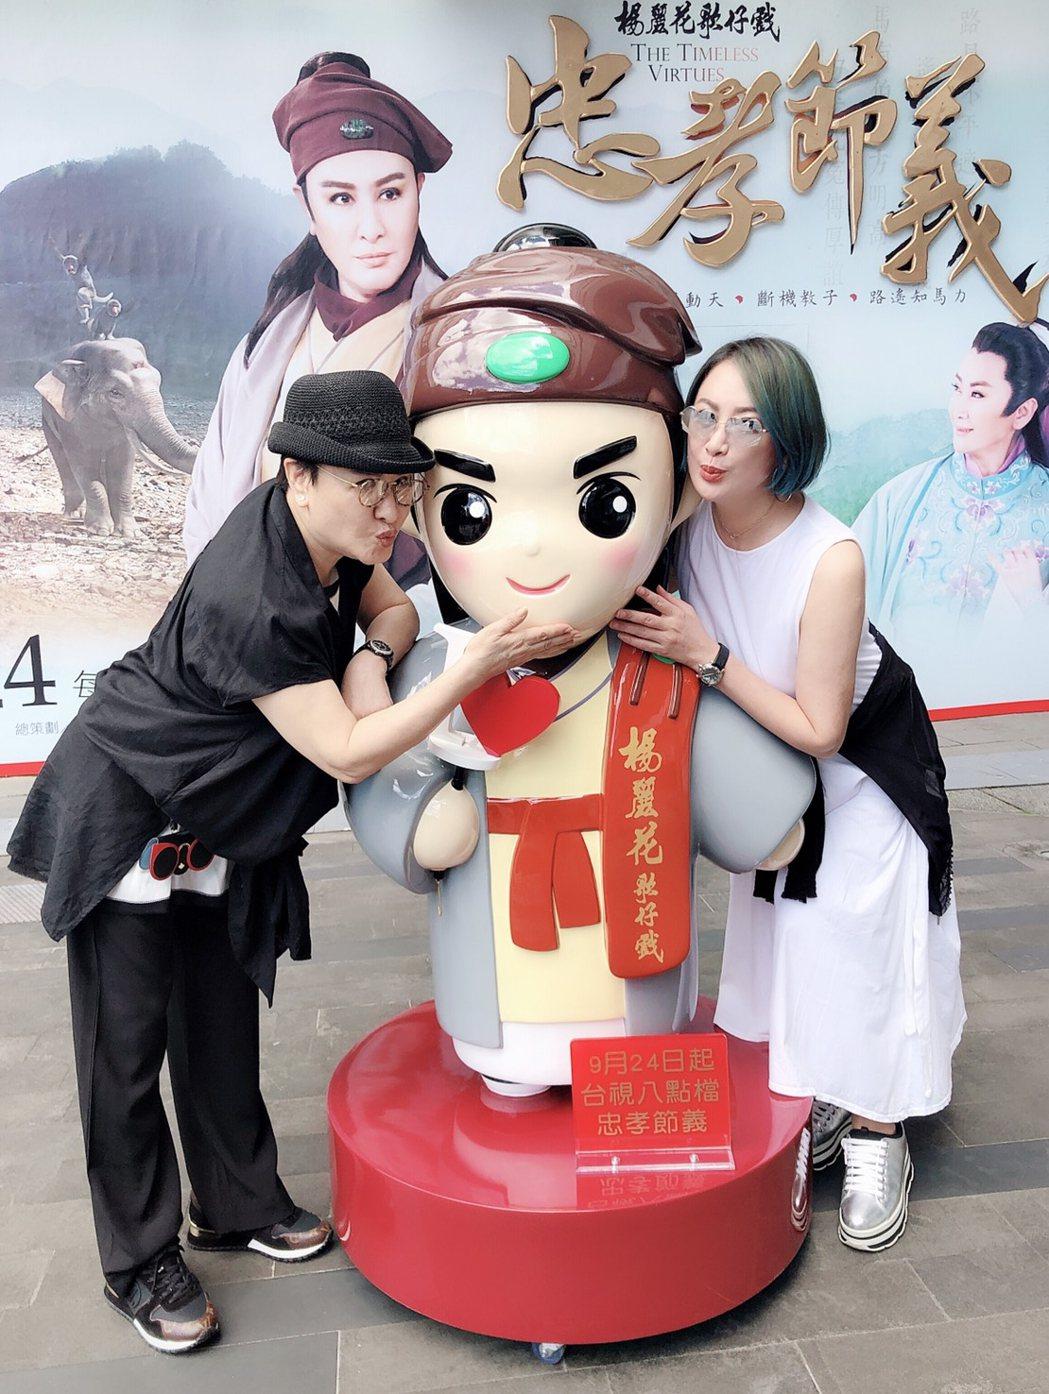 楊麗花(左)與陳亞蘭揭曉歌仔戲Q版公仔。圖/麗生百合提供